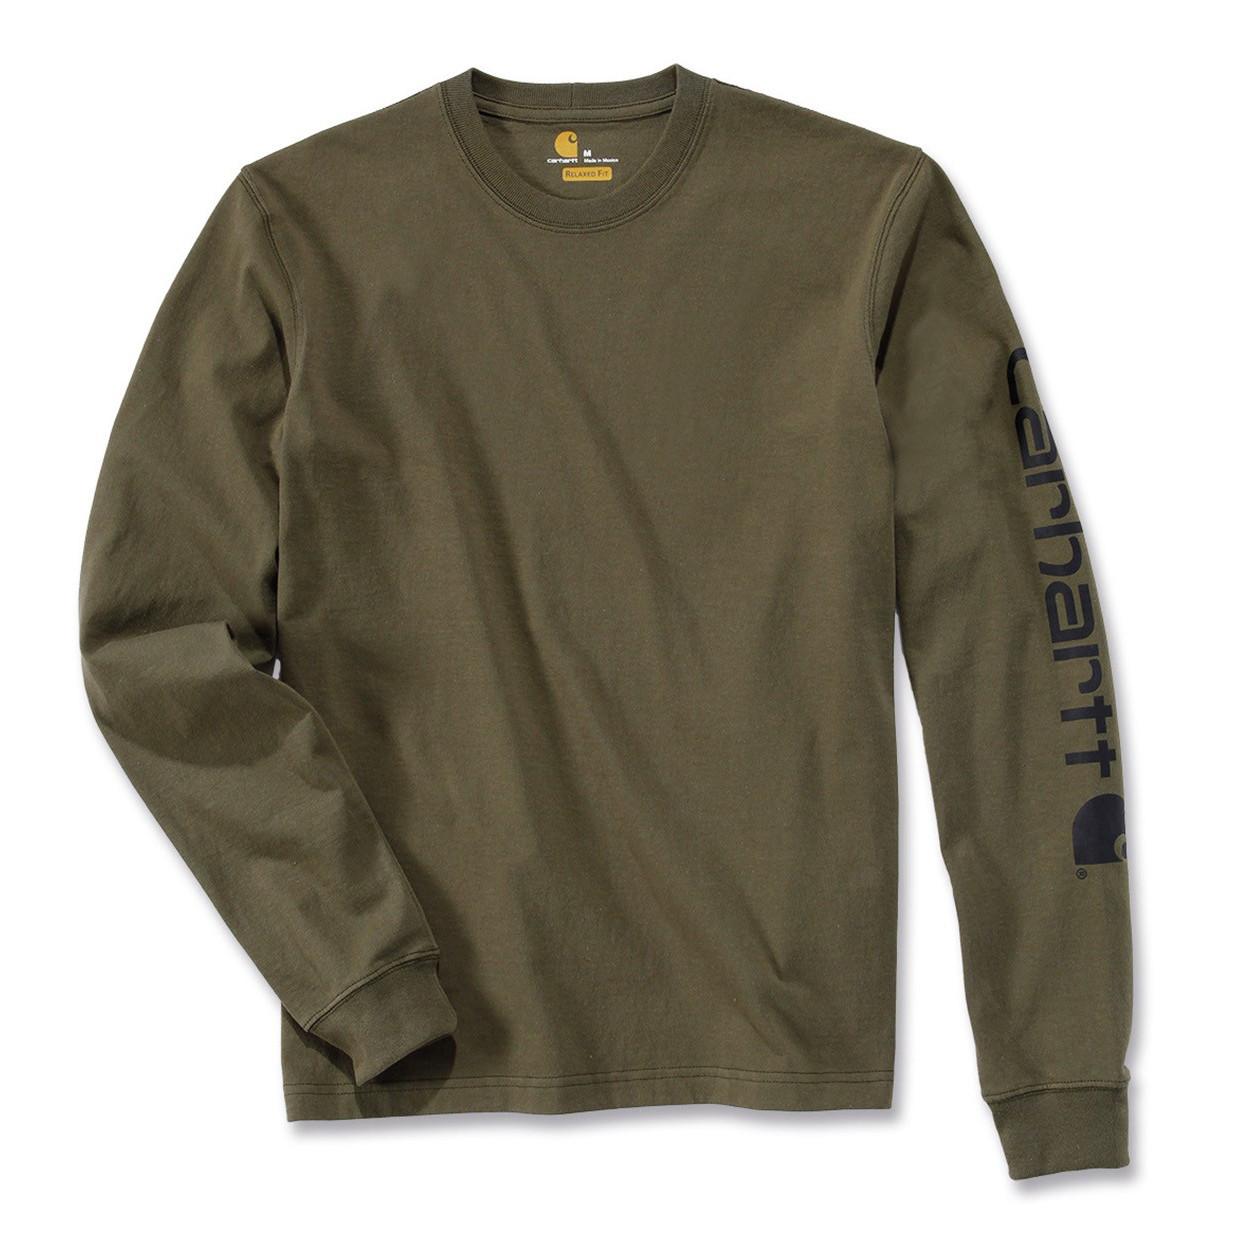 Футболка с длинным рукавом Carhartt Sleeve Logo T-Shirt L/S - EK231 (Army Green, M)